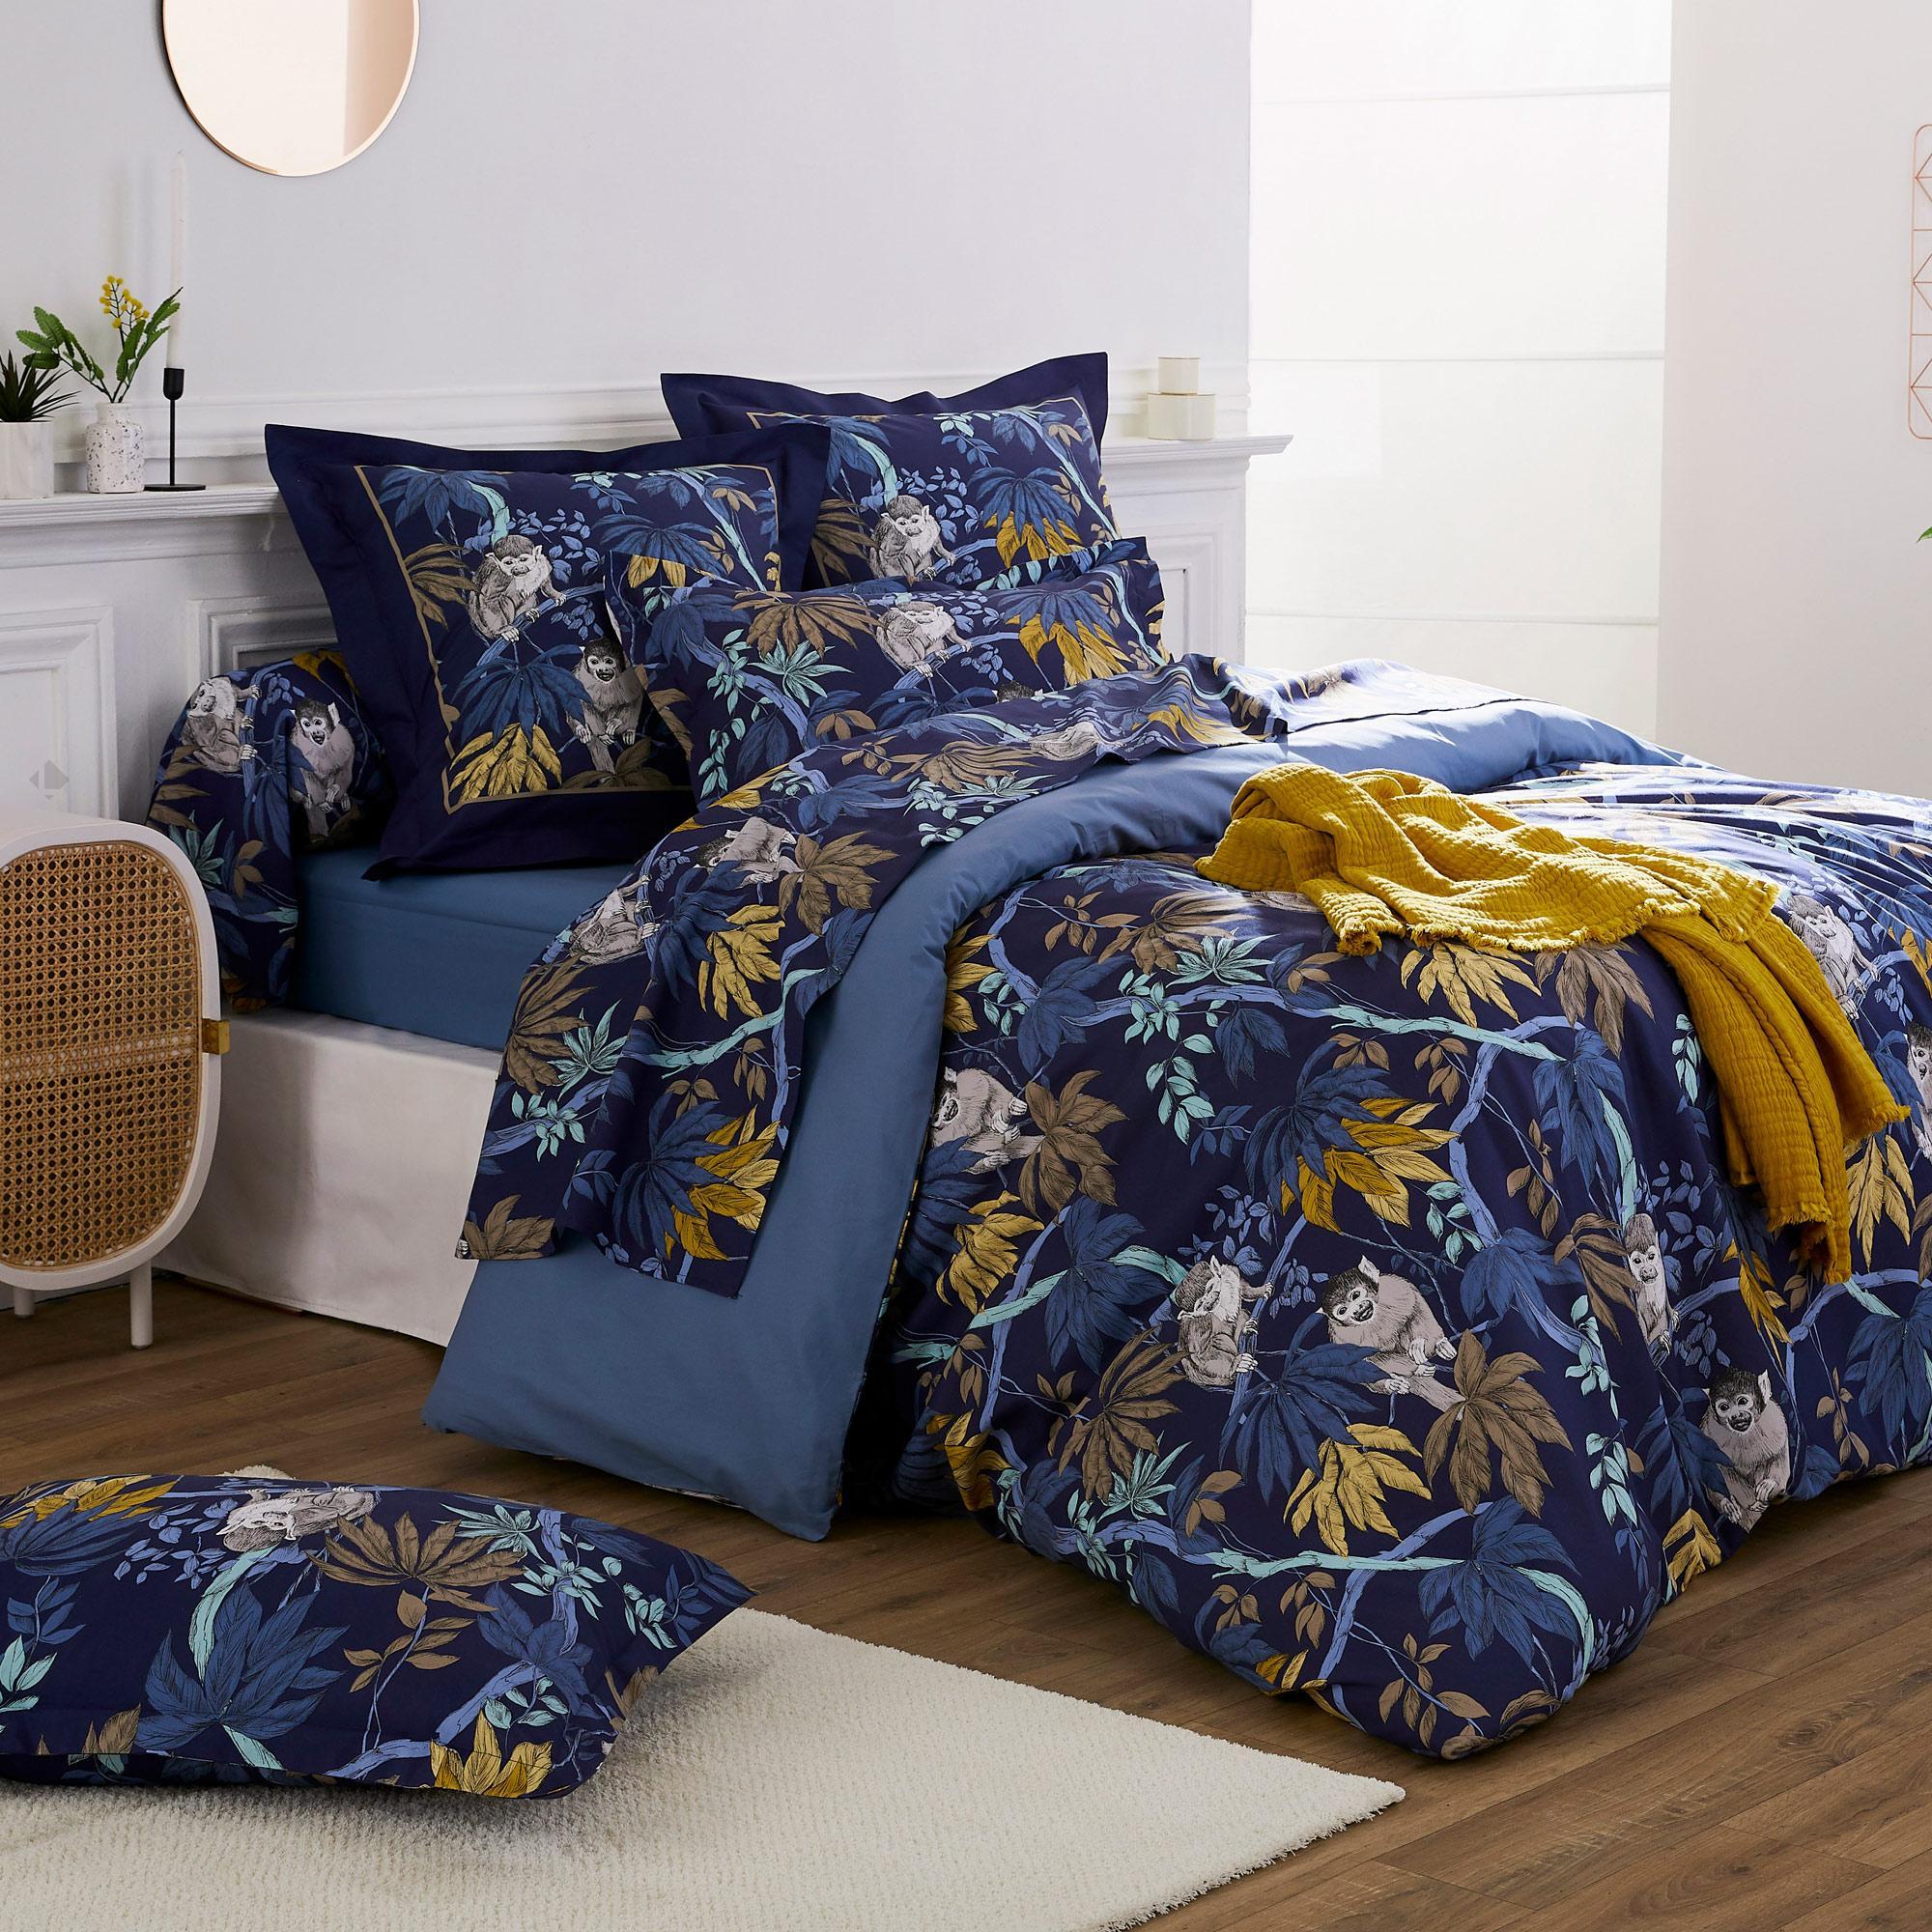 Linnea Housse de couette 140x200 cm 100% coton CAPUCIN bleu Nuit avec impression fixé-lavé